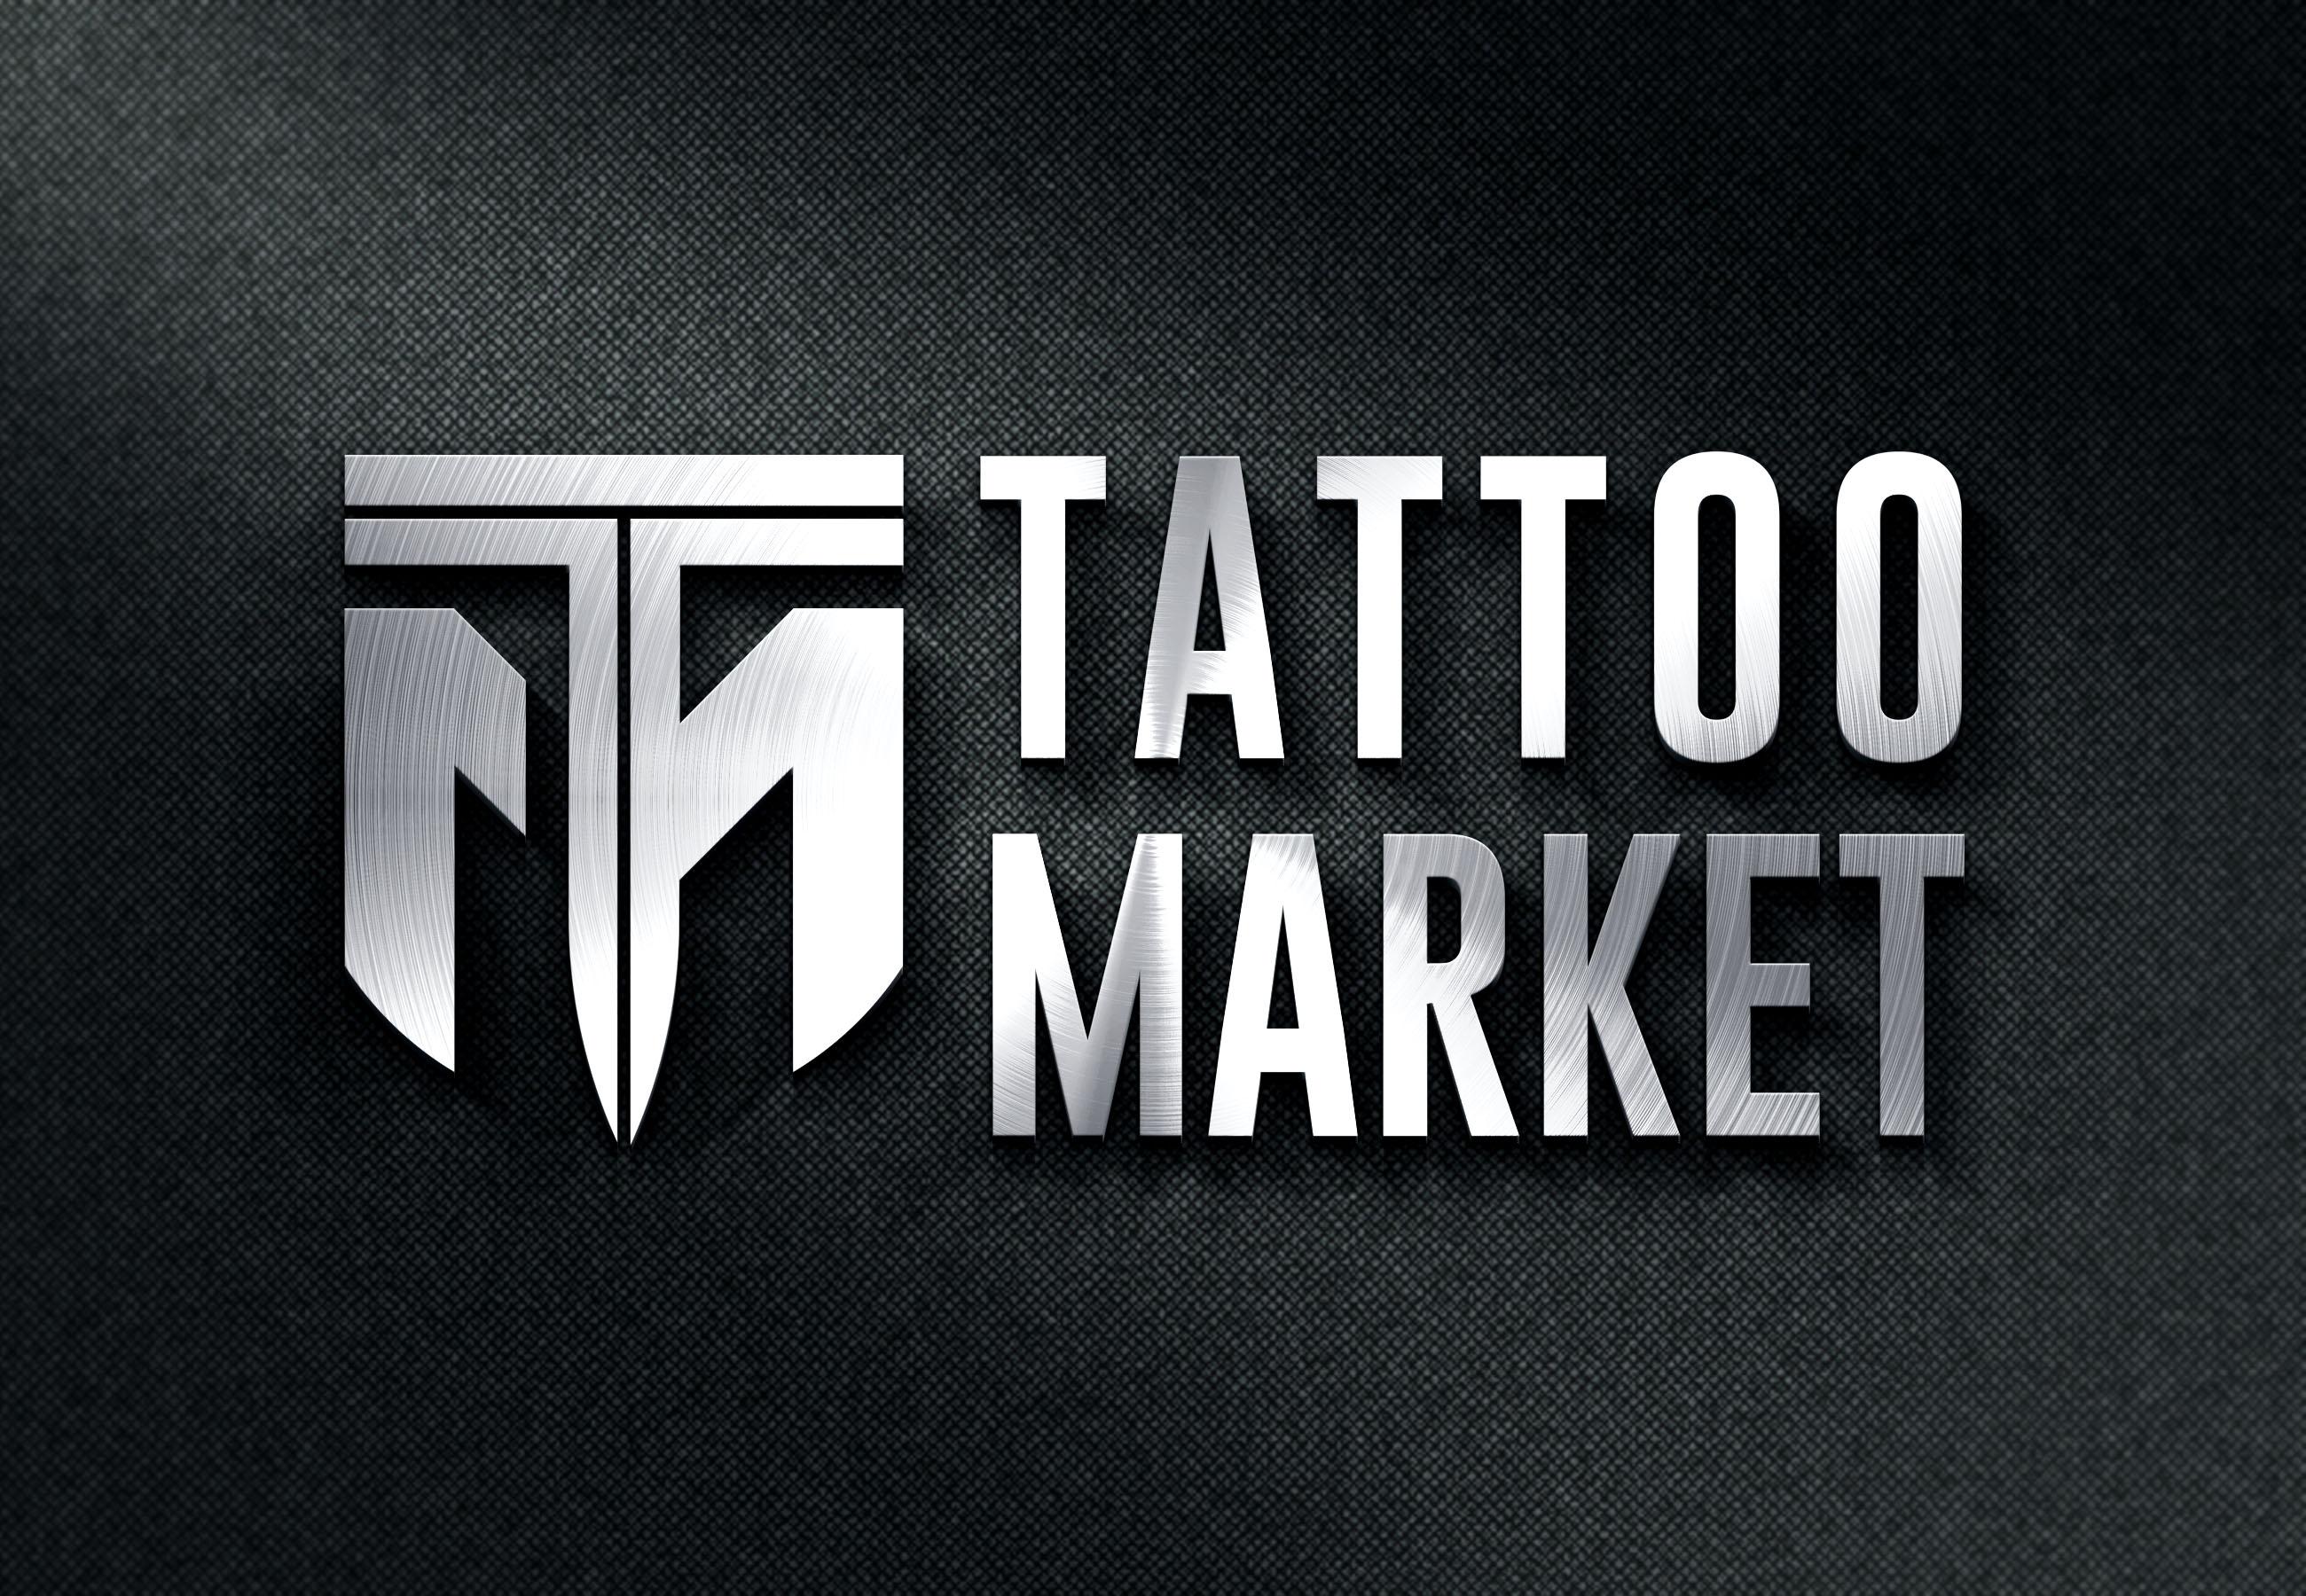 Редизайн логотипа магазина тату оборудования TattooMarket.ru фото f_6775c3e572035e1f.jpg